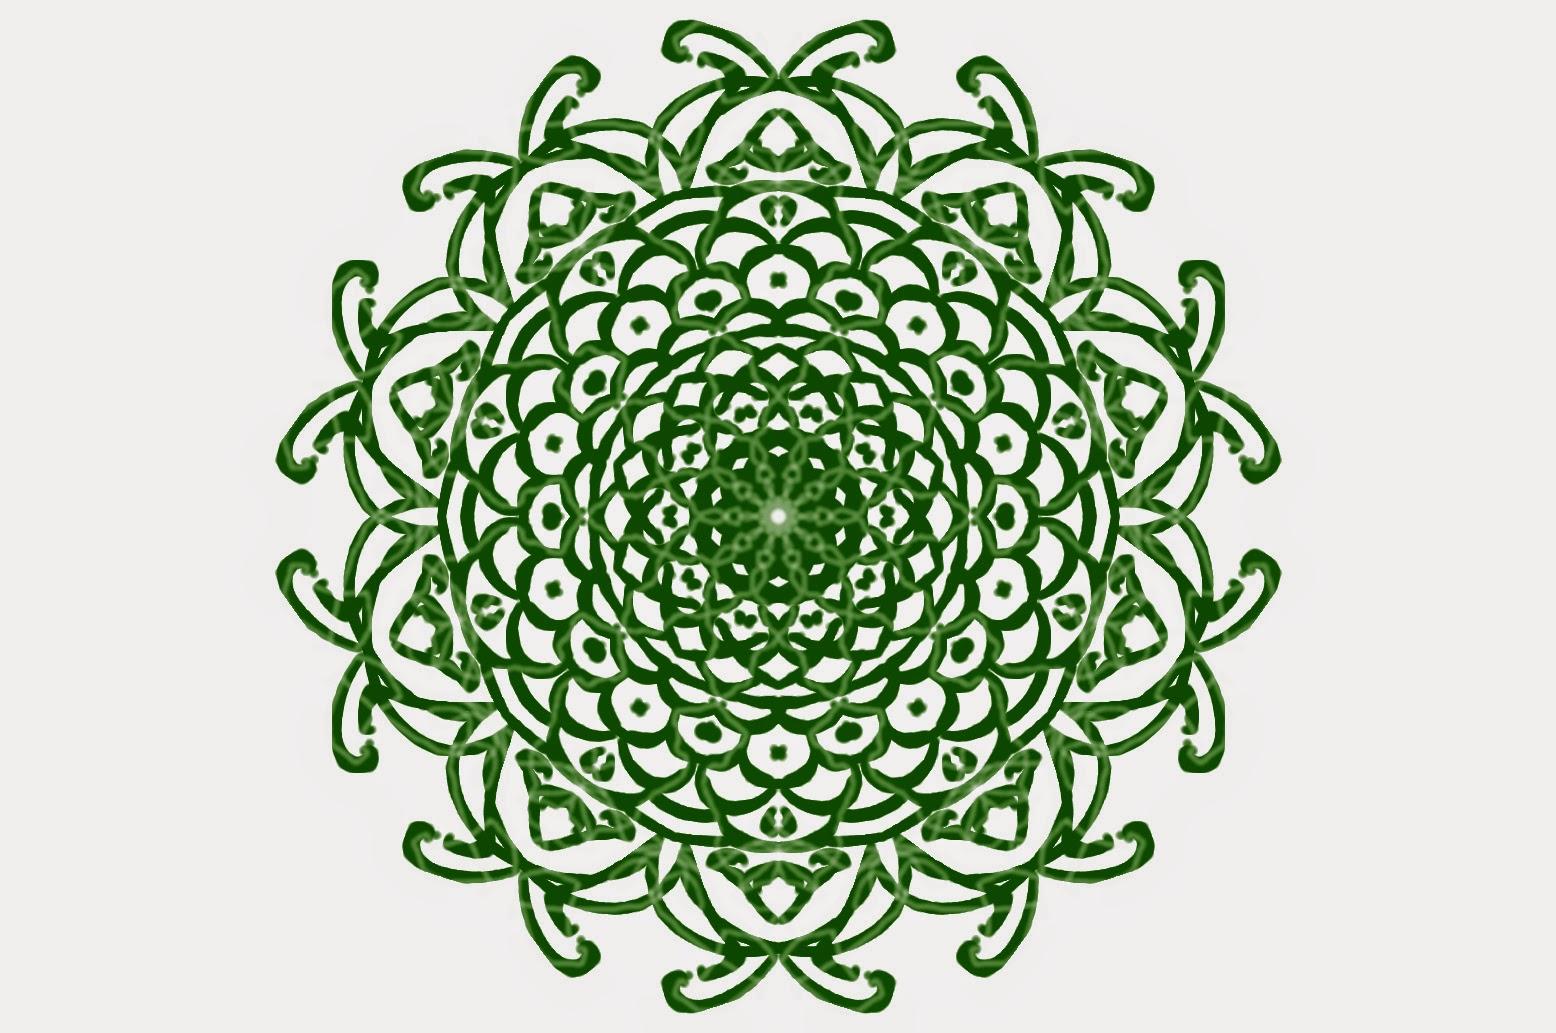 green mandala digital art